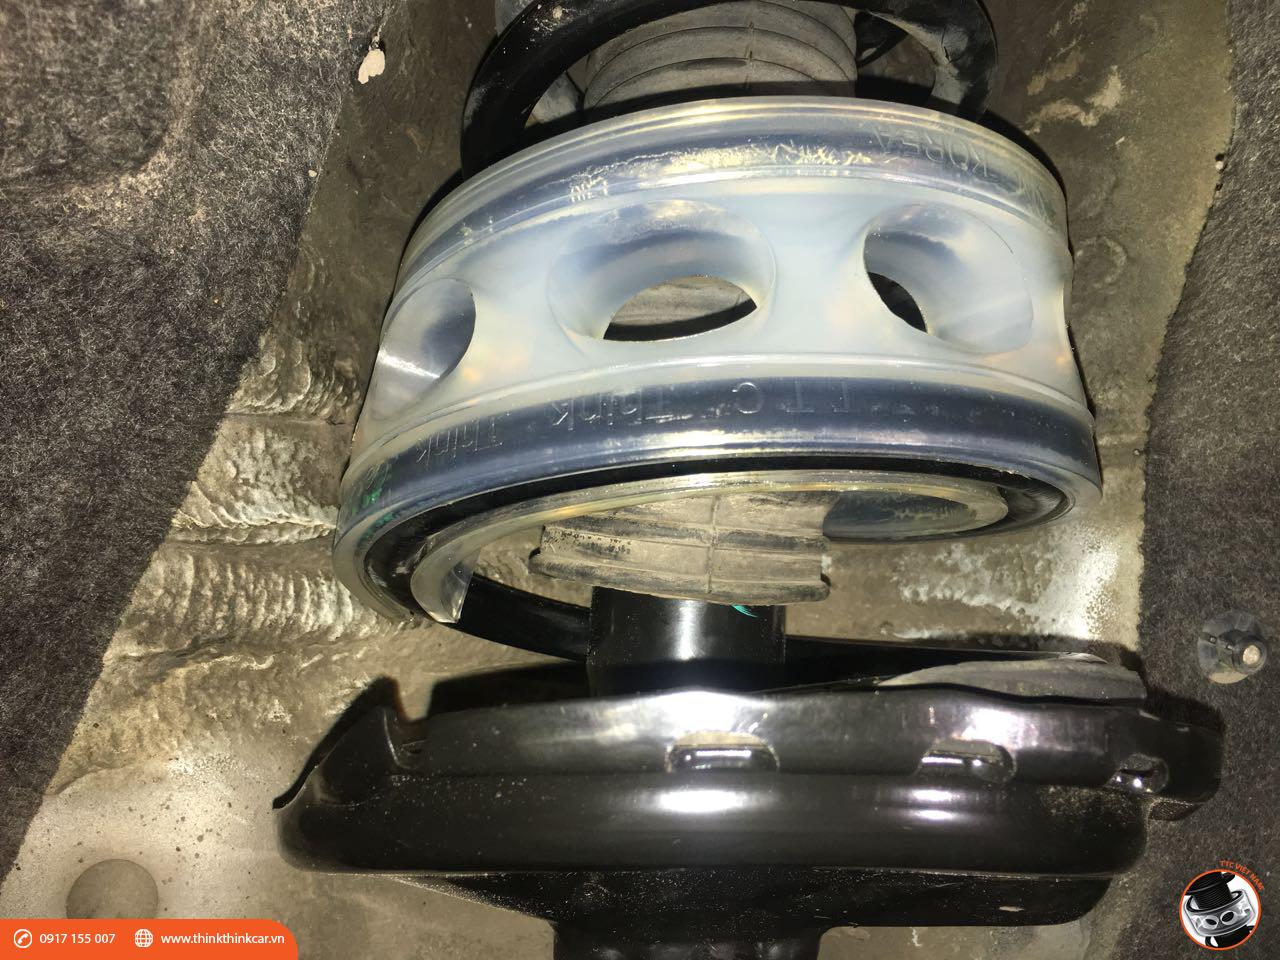 Toyota Venza lắp đệm giảm chấn TTC hình 2